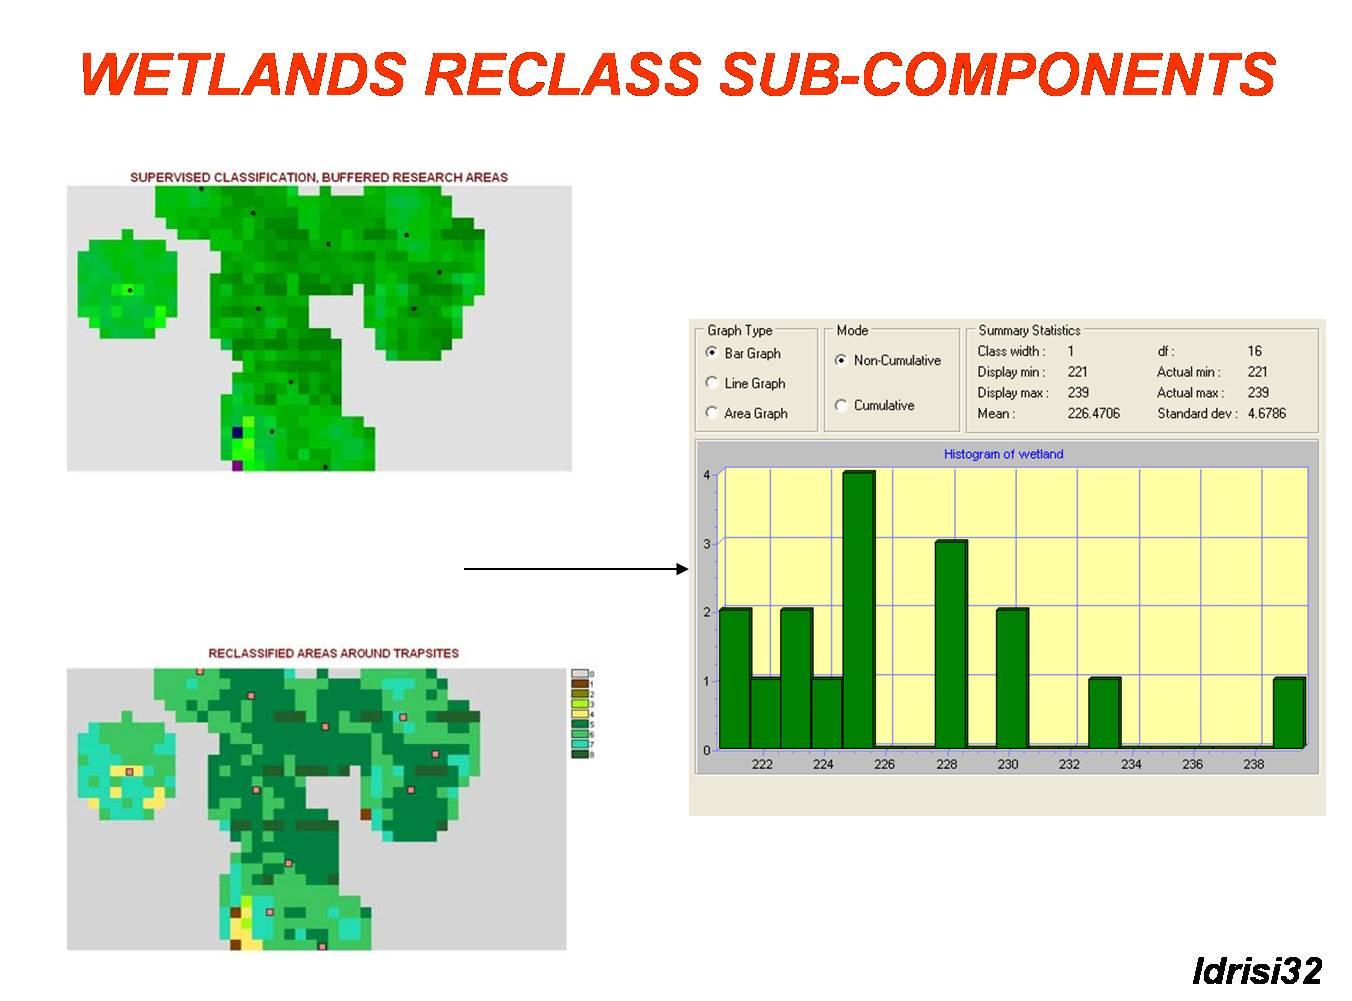 Wetlands Reclassification